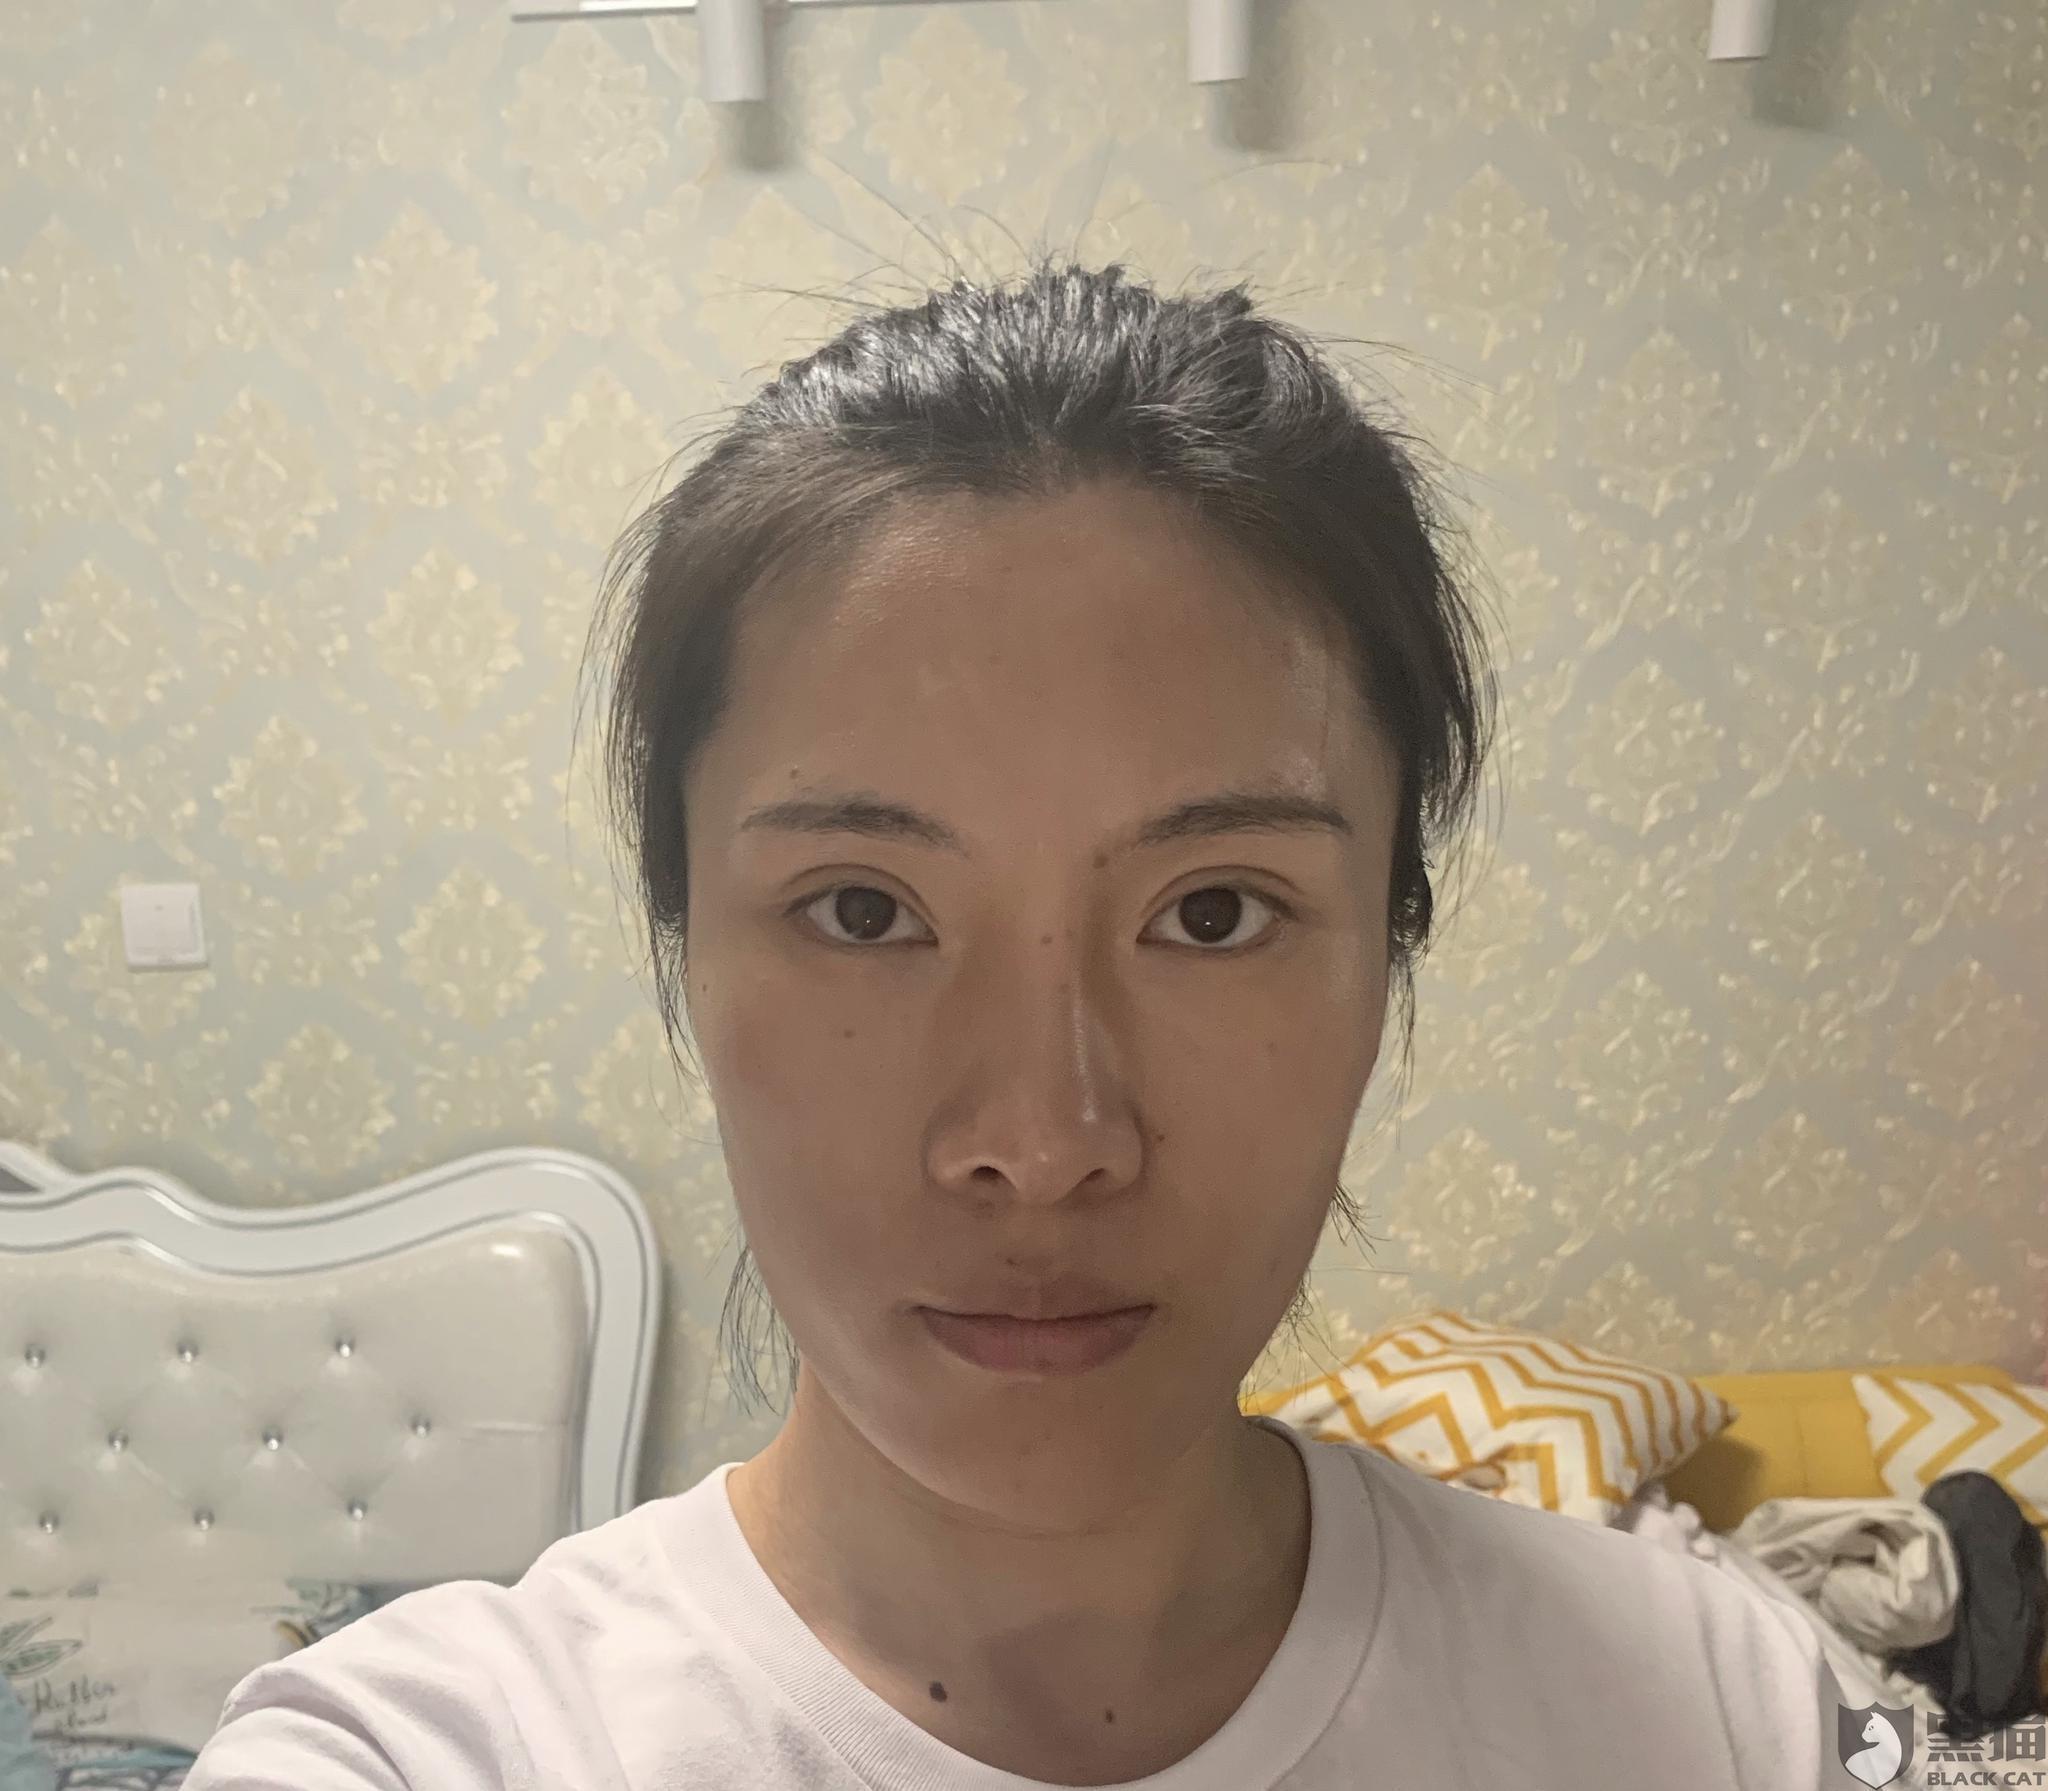 黑猫投诉:在苏州常春藤医疗美容医院做整形,后续鼻子歪了要求修复,但是医院一直拖延